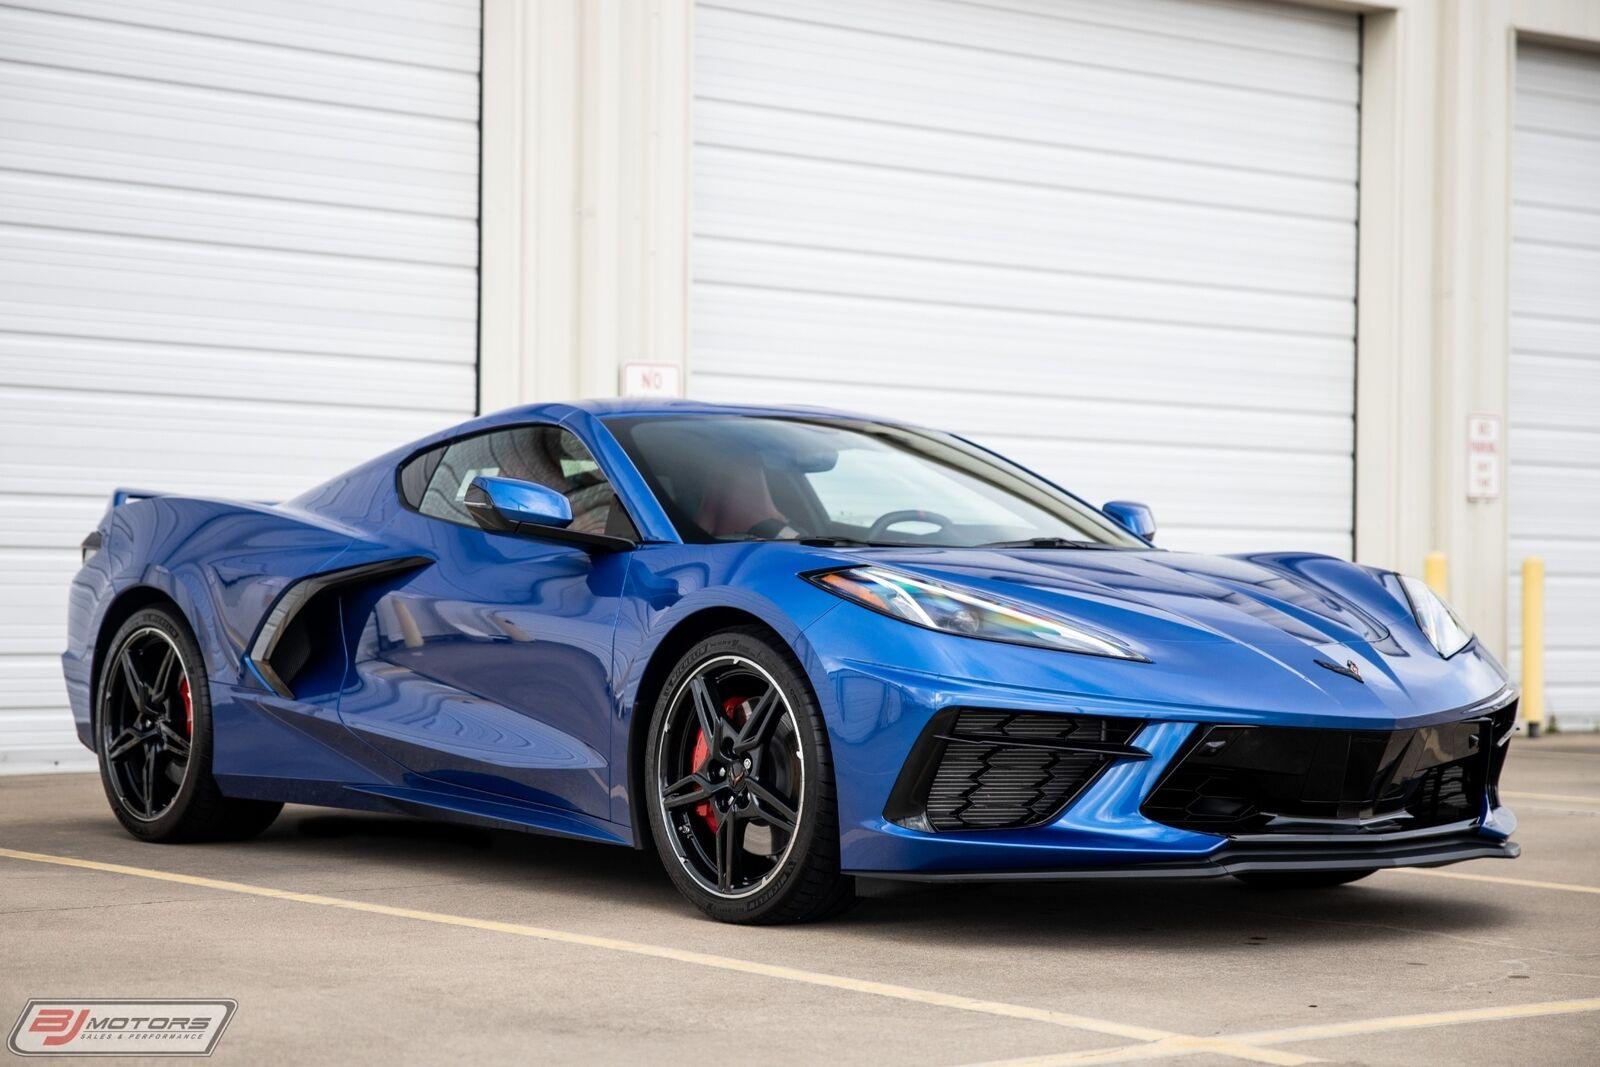 2020 Blue Chevrolet Corvette  2LT | C7 Corvette Photo 5